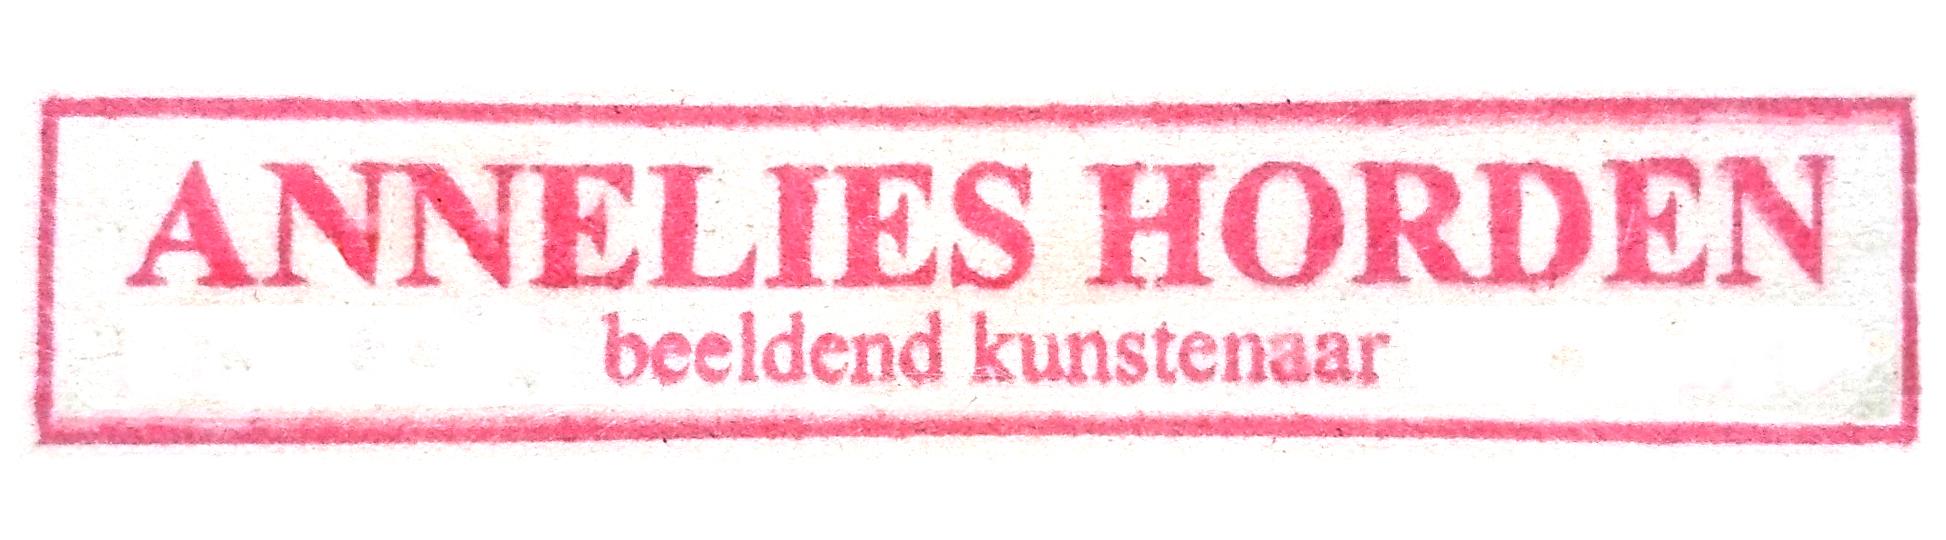 Annelies Horden